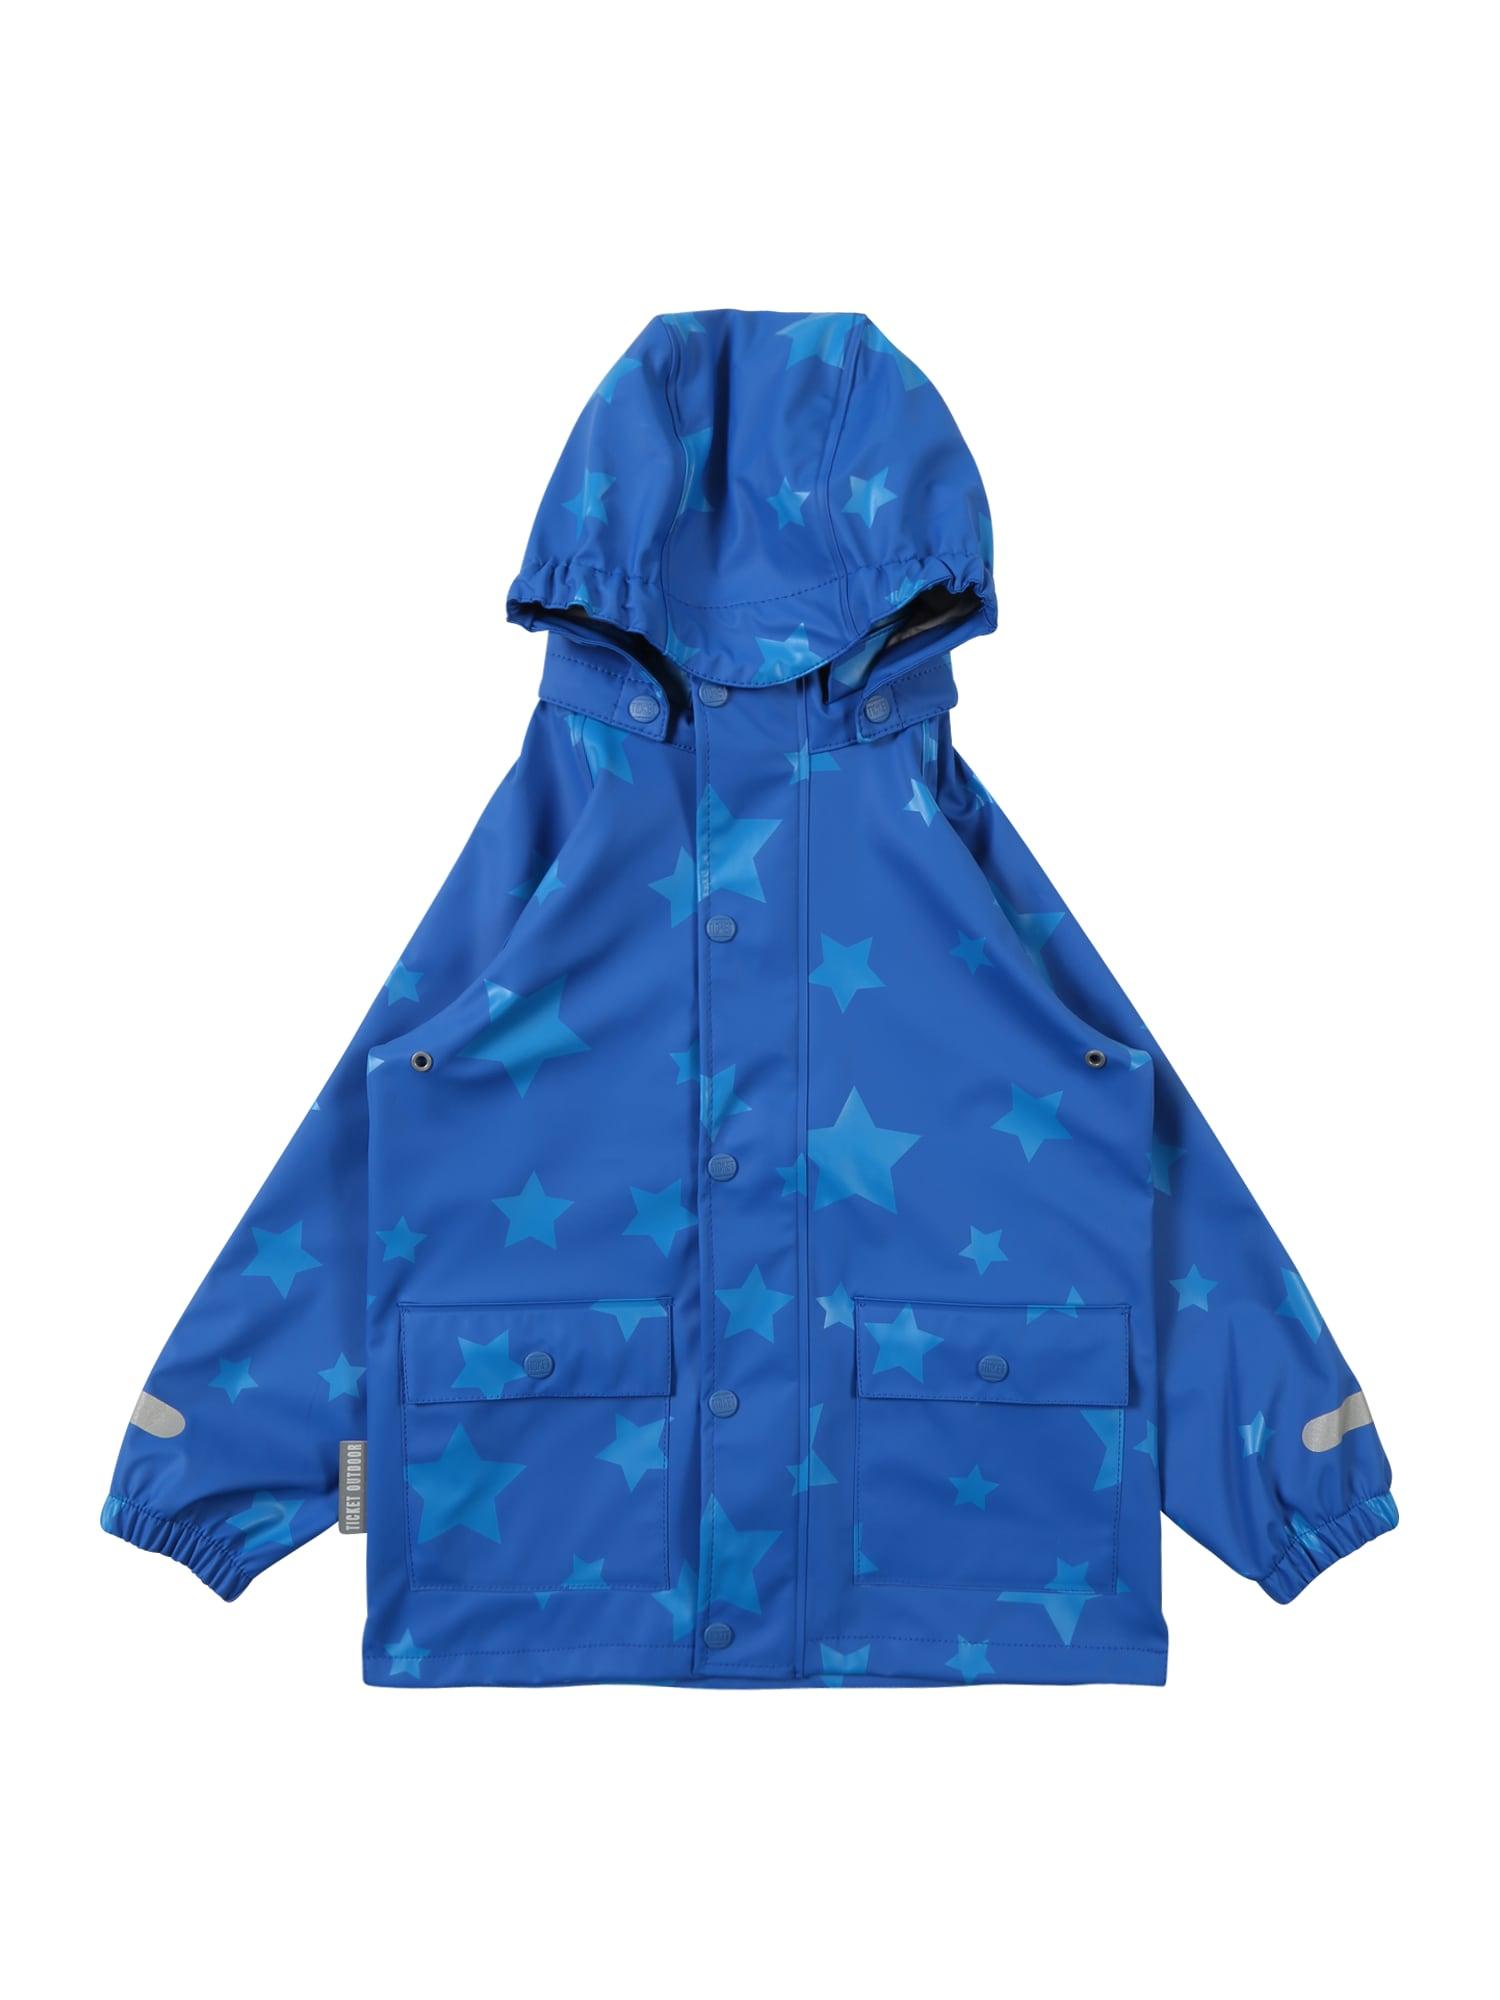 Přechodná bunda modrá TICKET TO HEAVEN